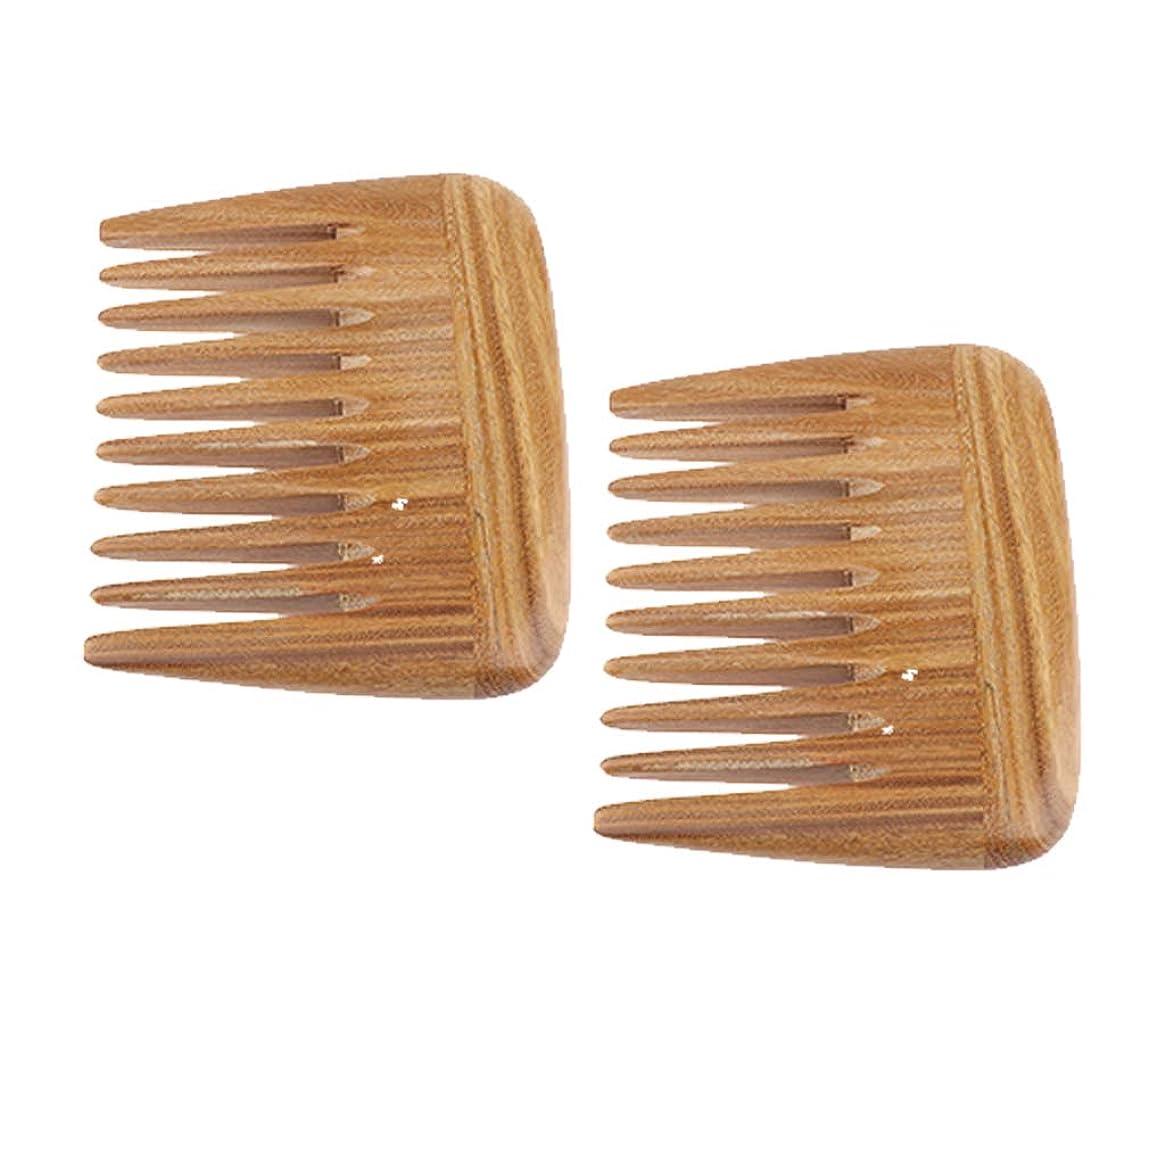 パウダー引き渡すコンテストB Baosity 2個 静電気防止櫛 ポケット 広い歯 ヘアコーム 木製櫛 プレゼント